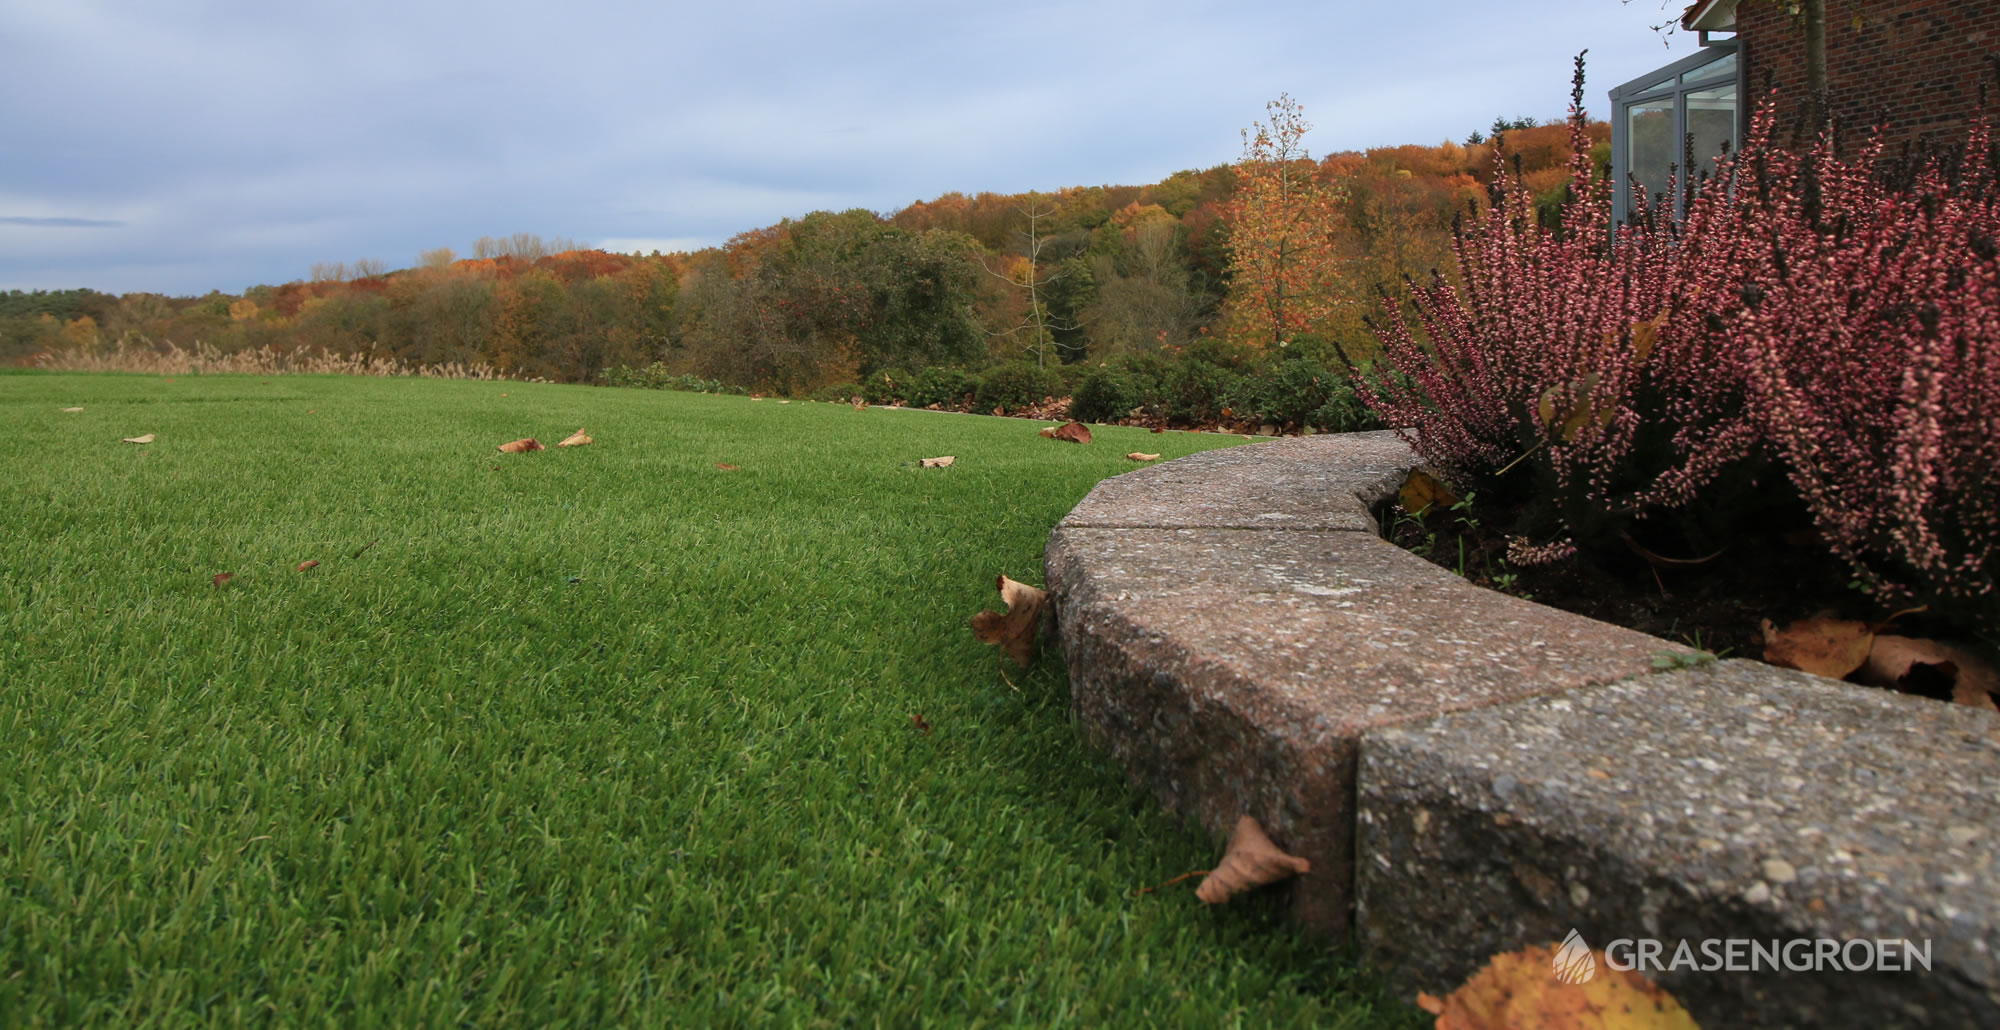 Kunstgrasleggensintjorisweert16 • Gras en Groen Kunstgras